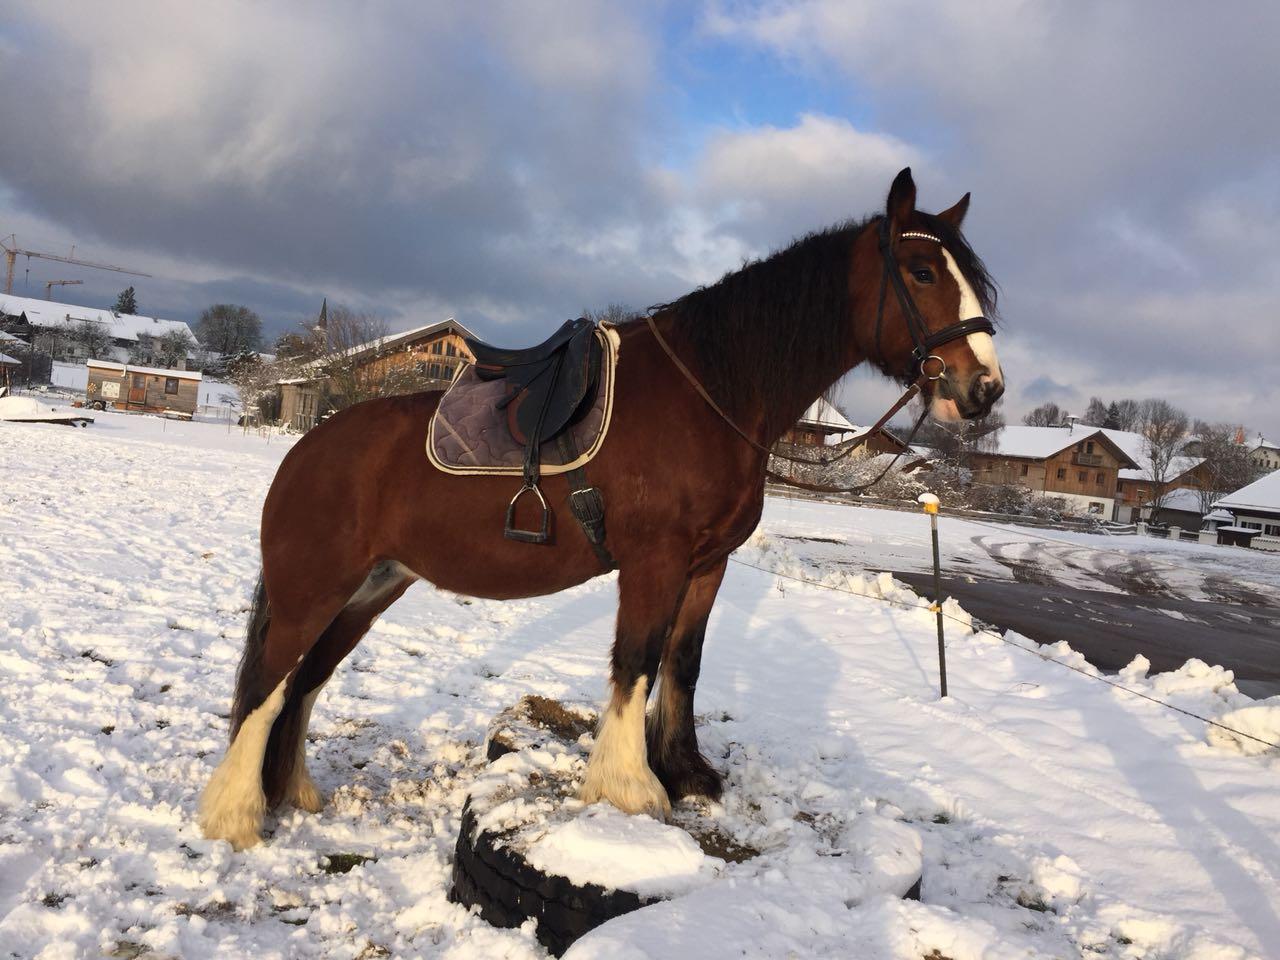 Pferd steht gelassen mit den Vorderbeinen auf einem Autoreifen